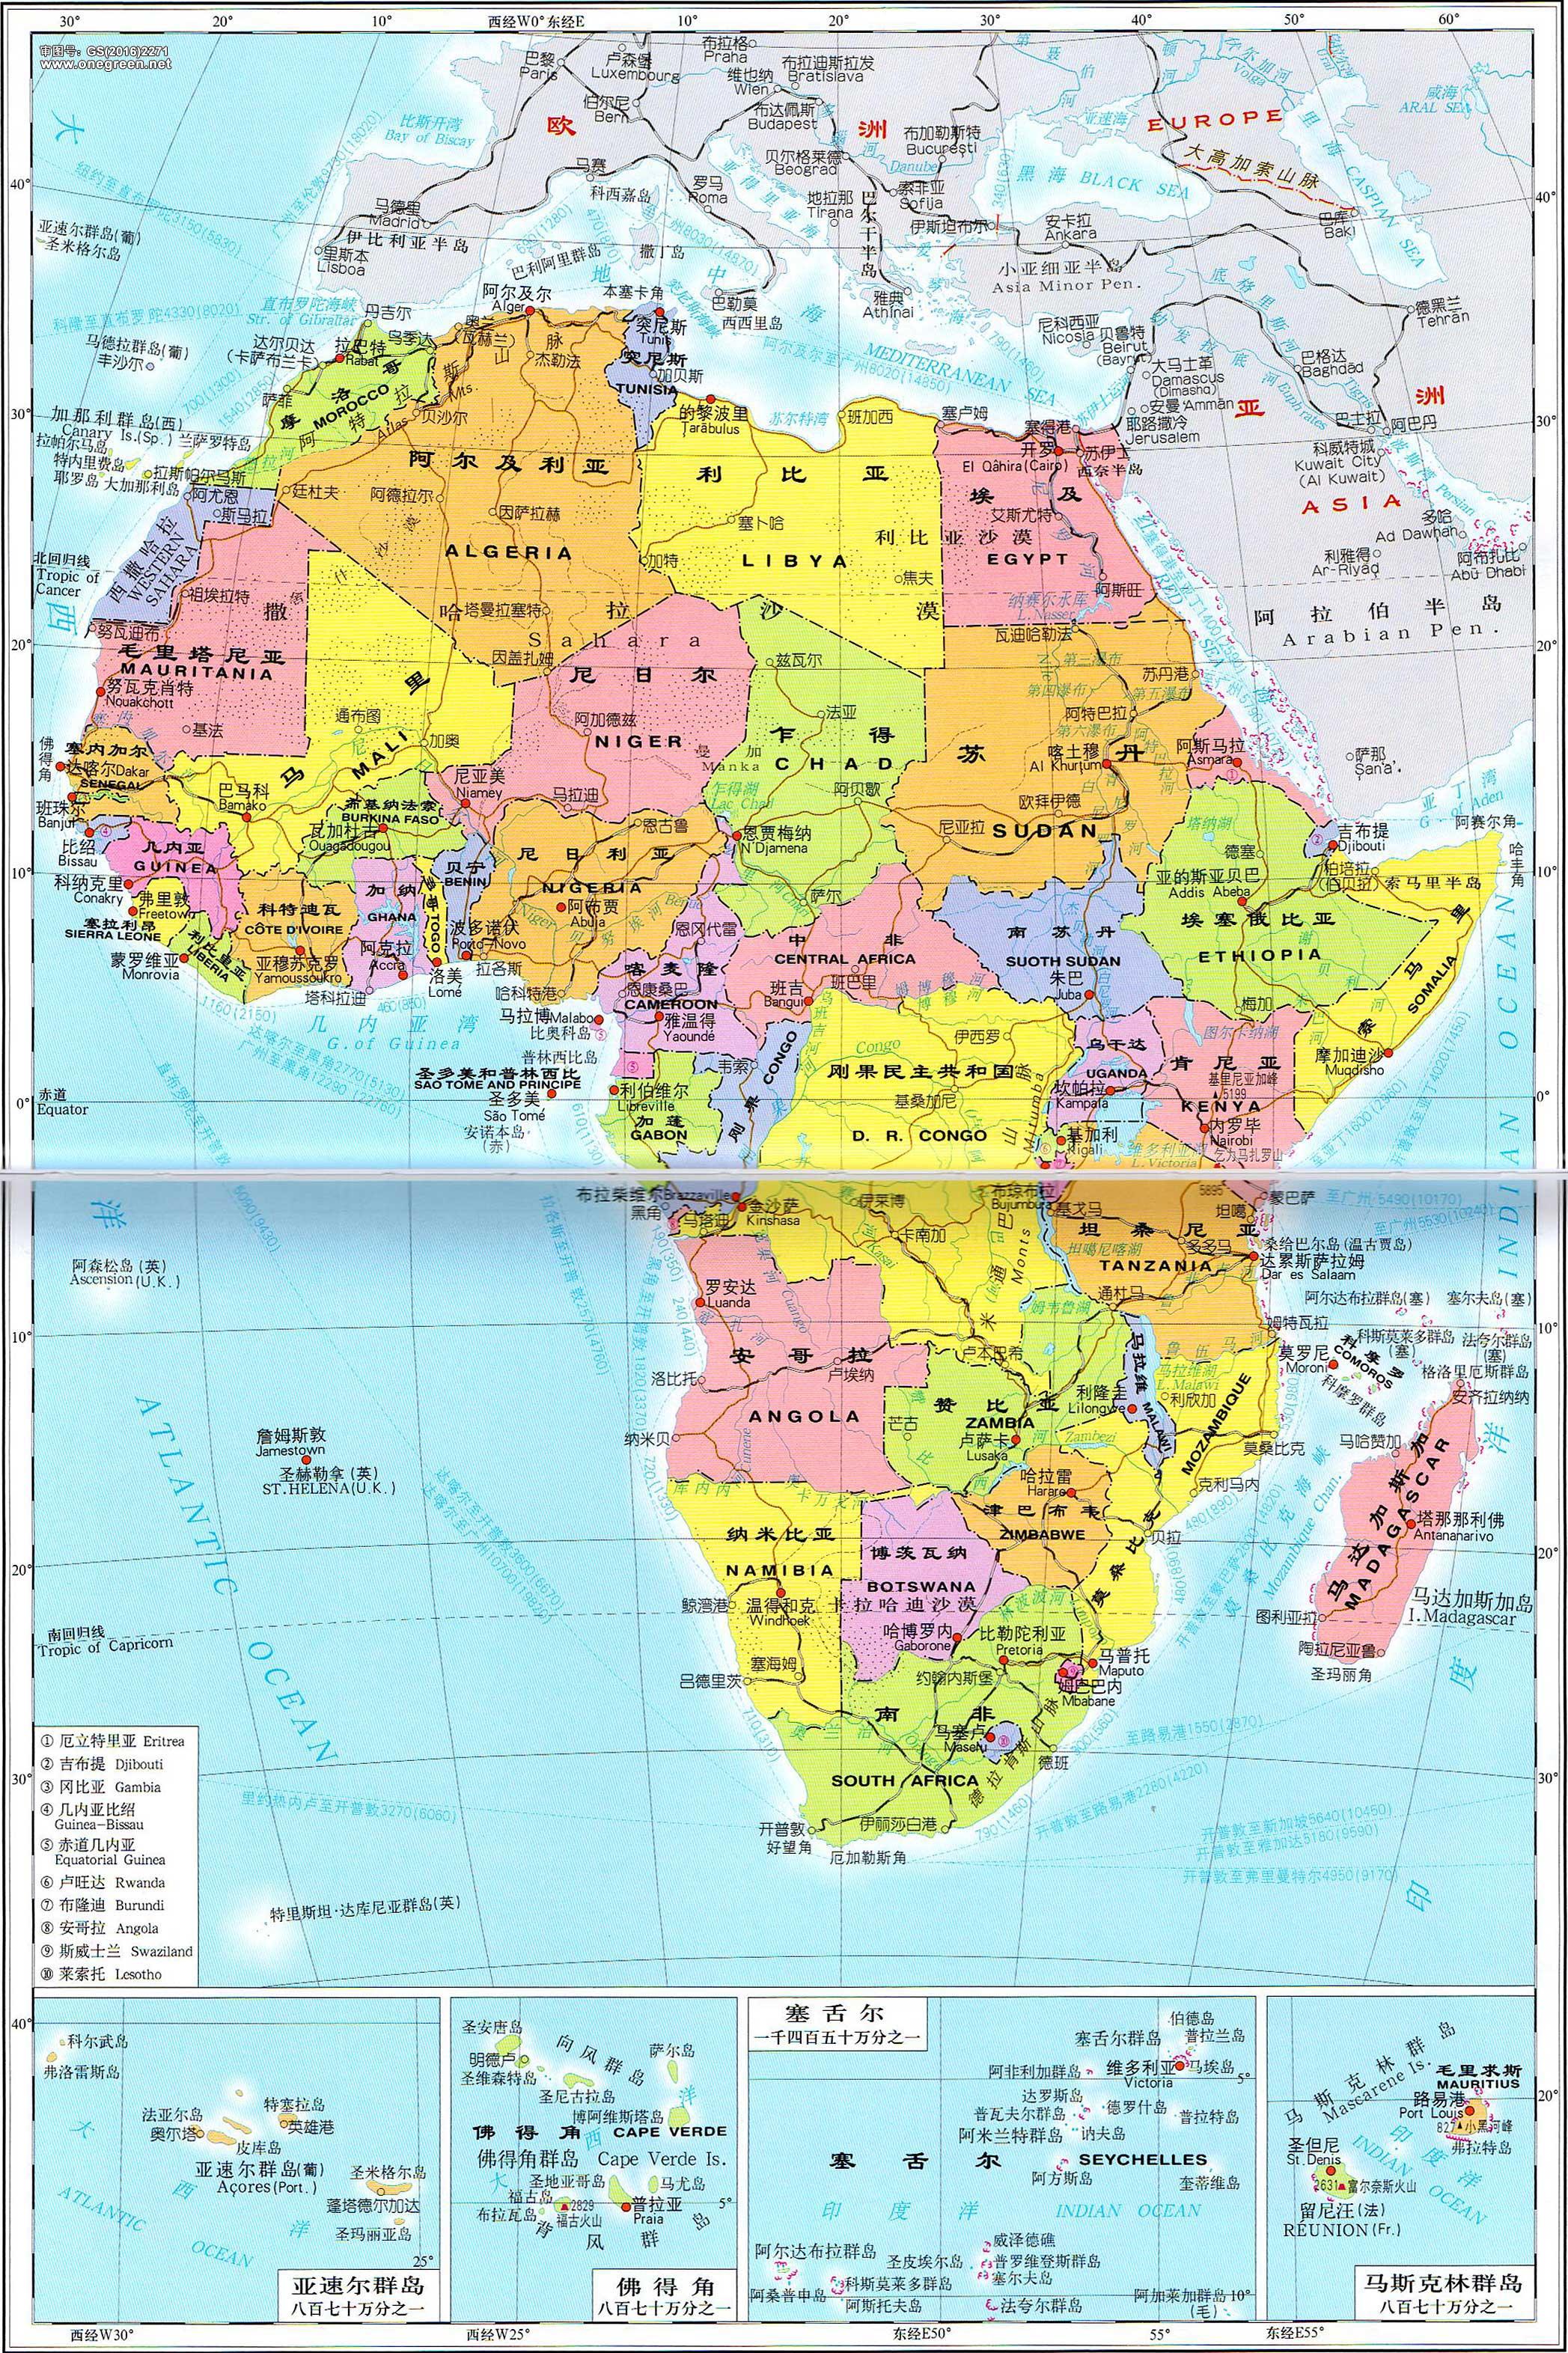 博茨瓦纳地图_非洲地图_非洲地图高清版大图_地图窝